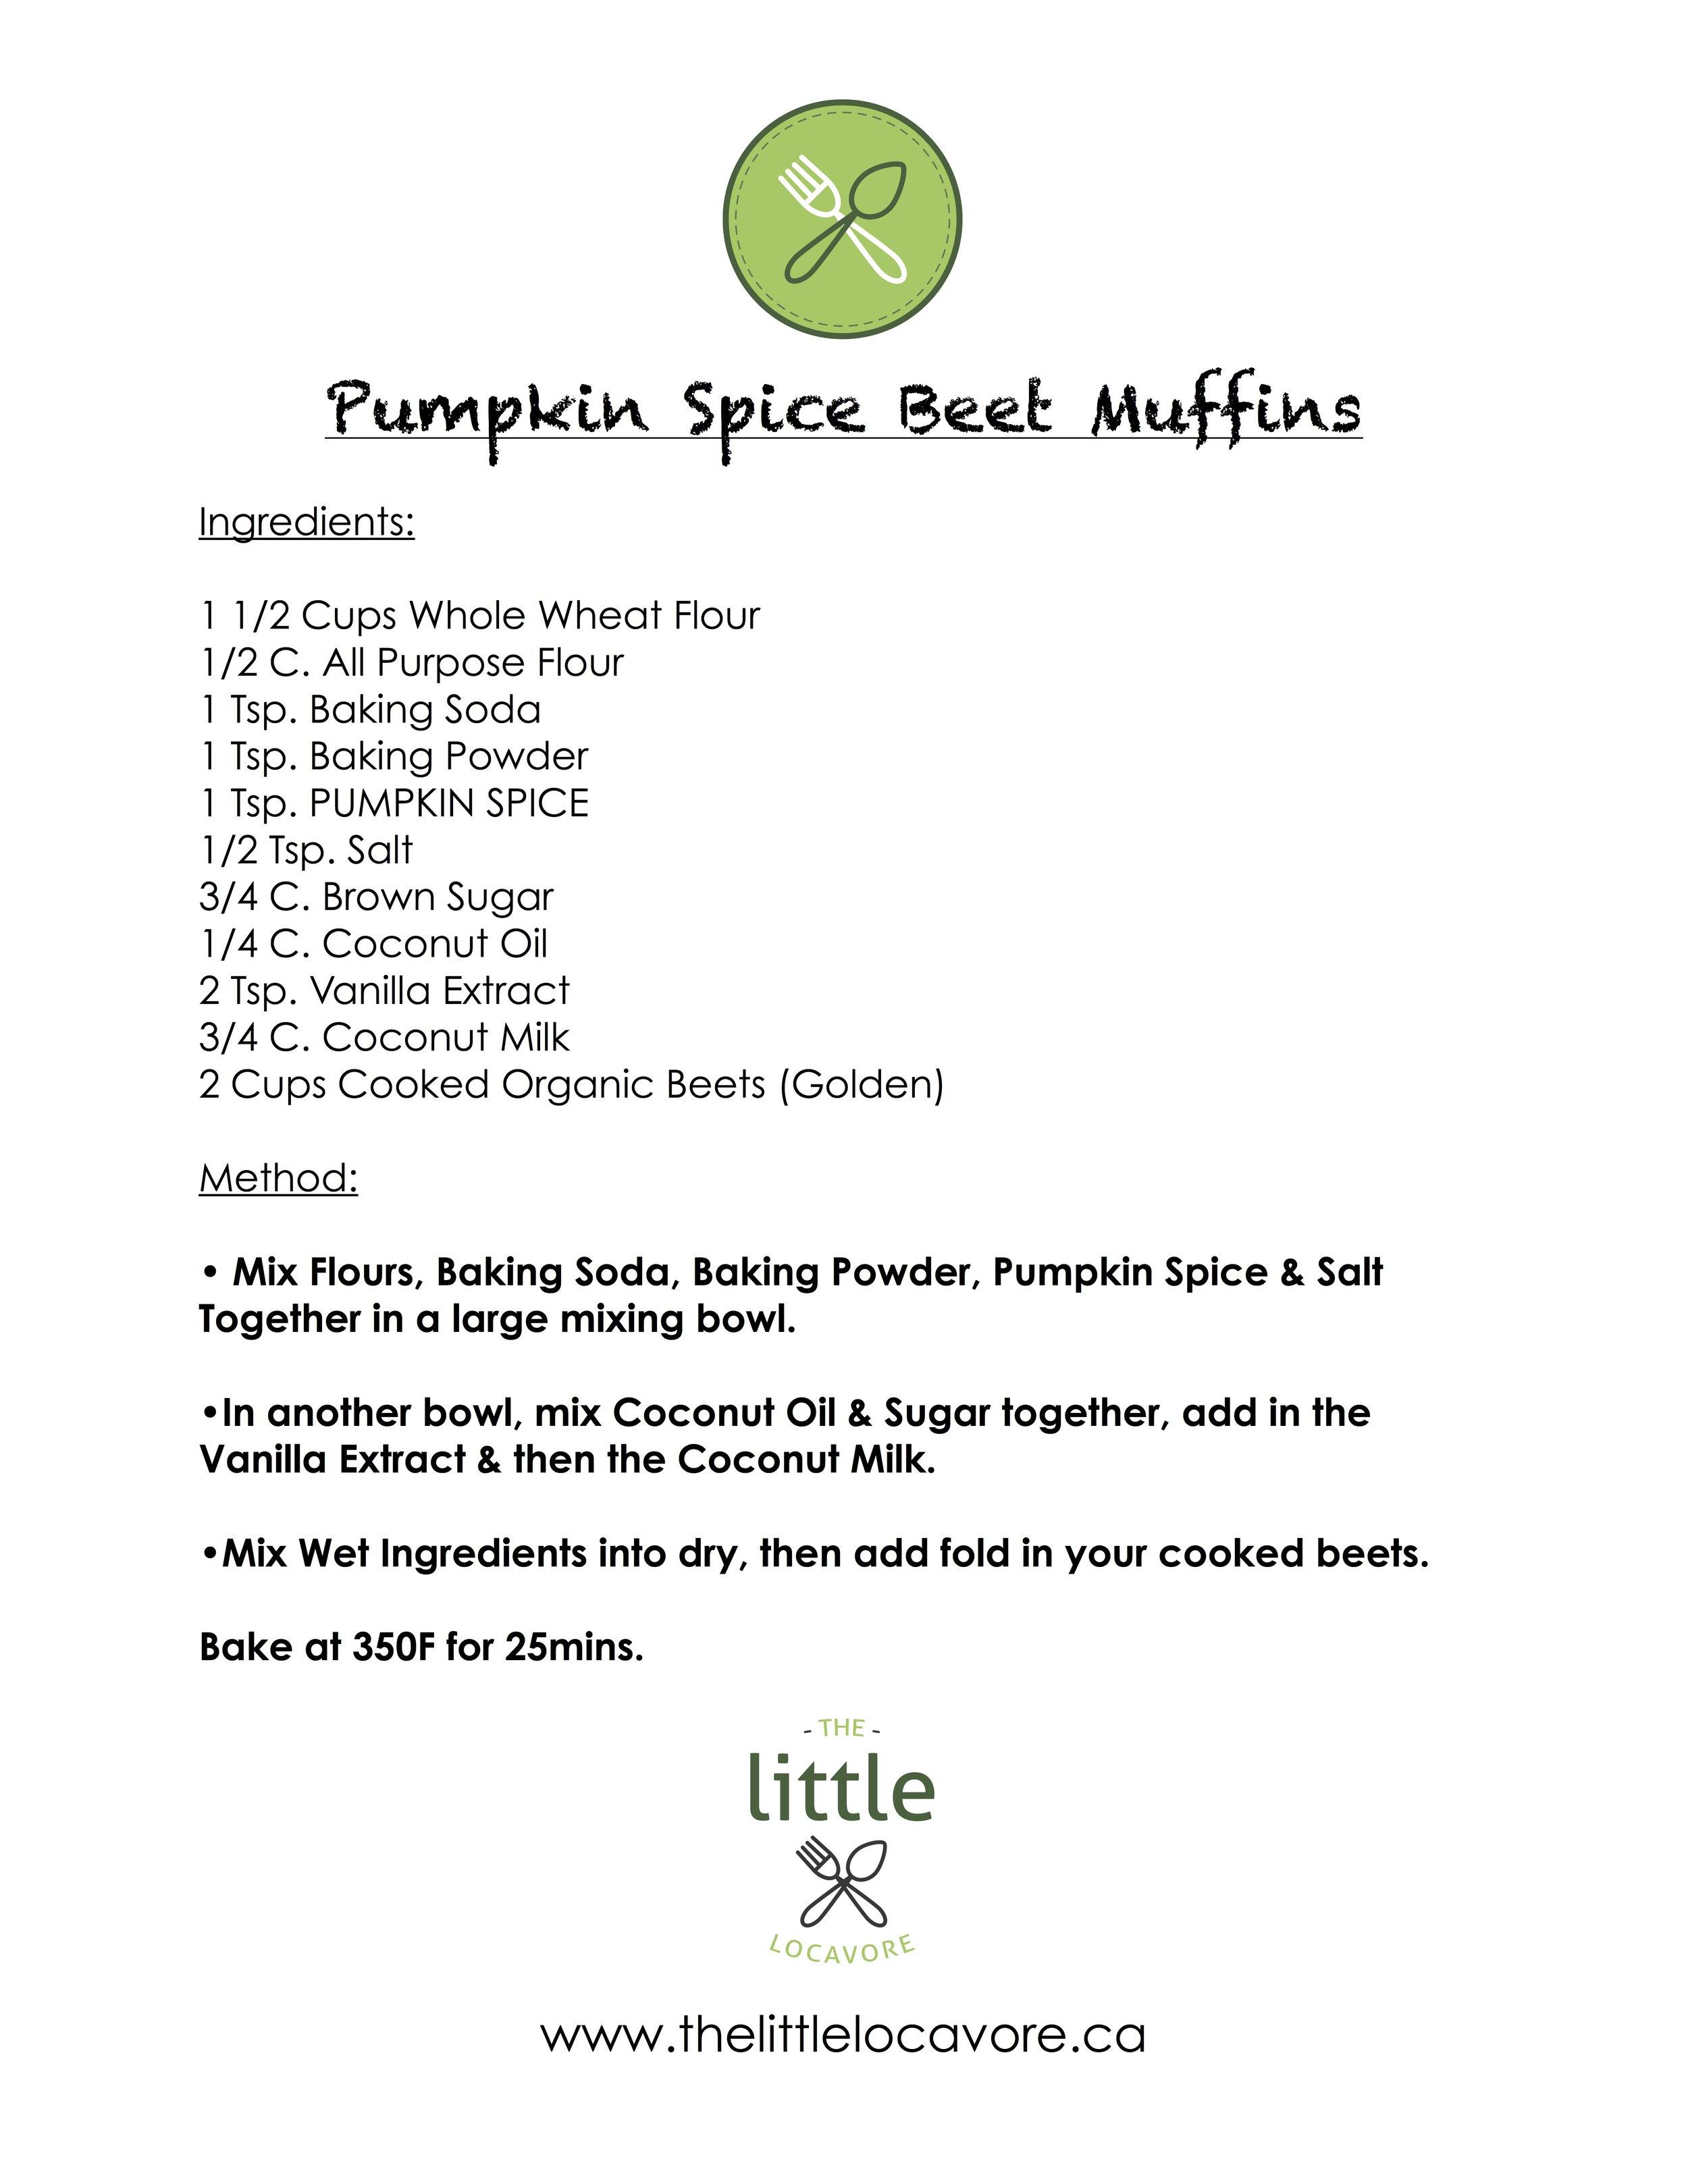 PumpkinSpiceBeetMuffins